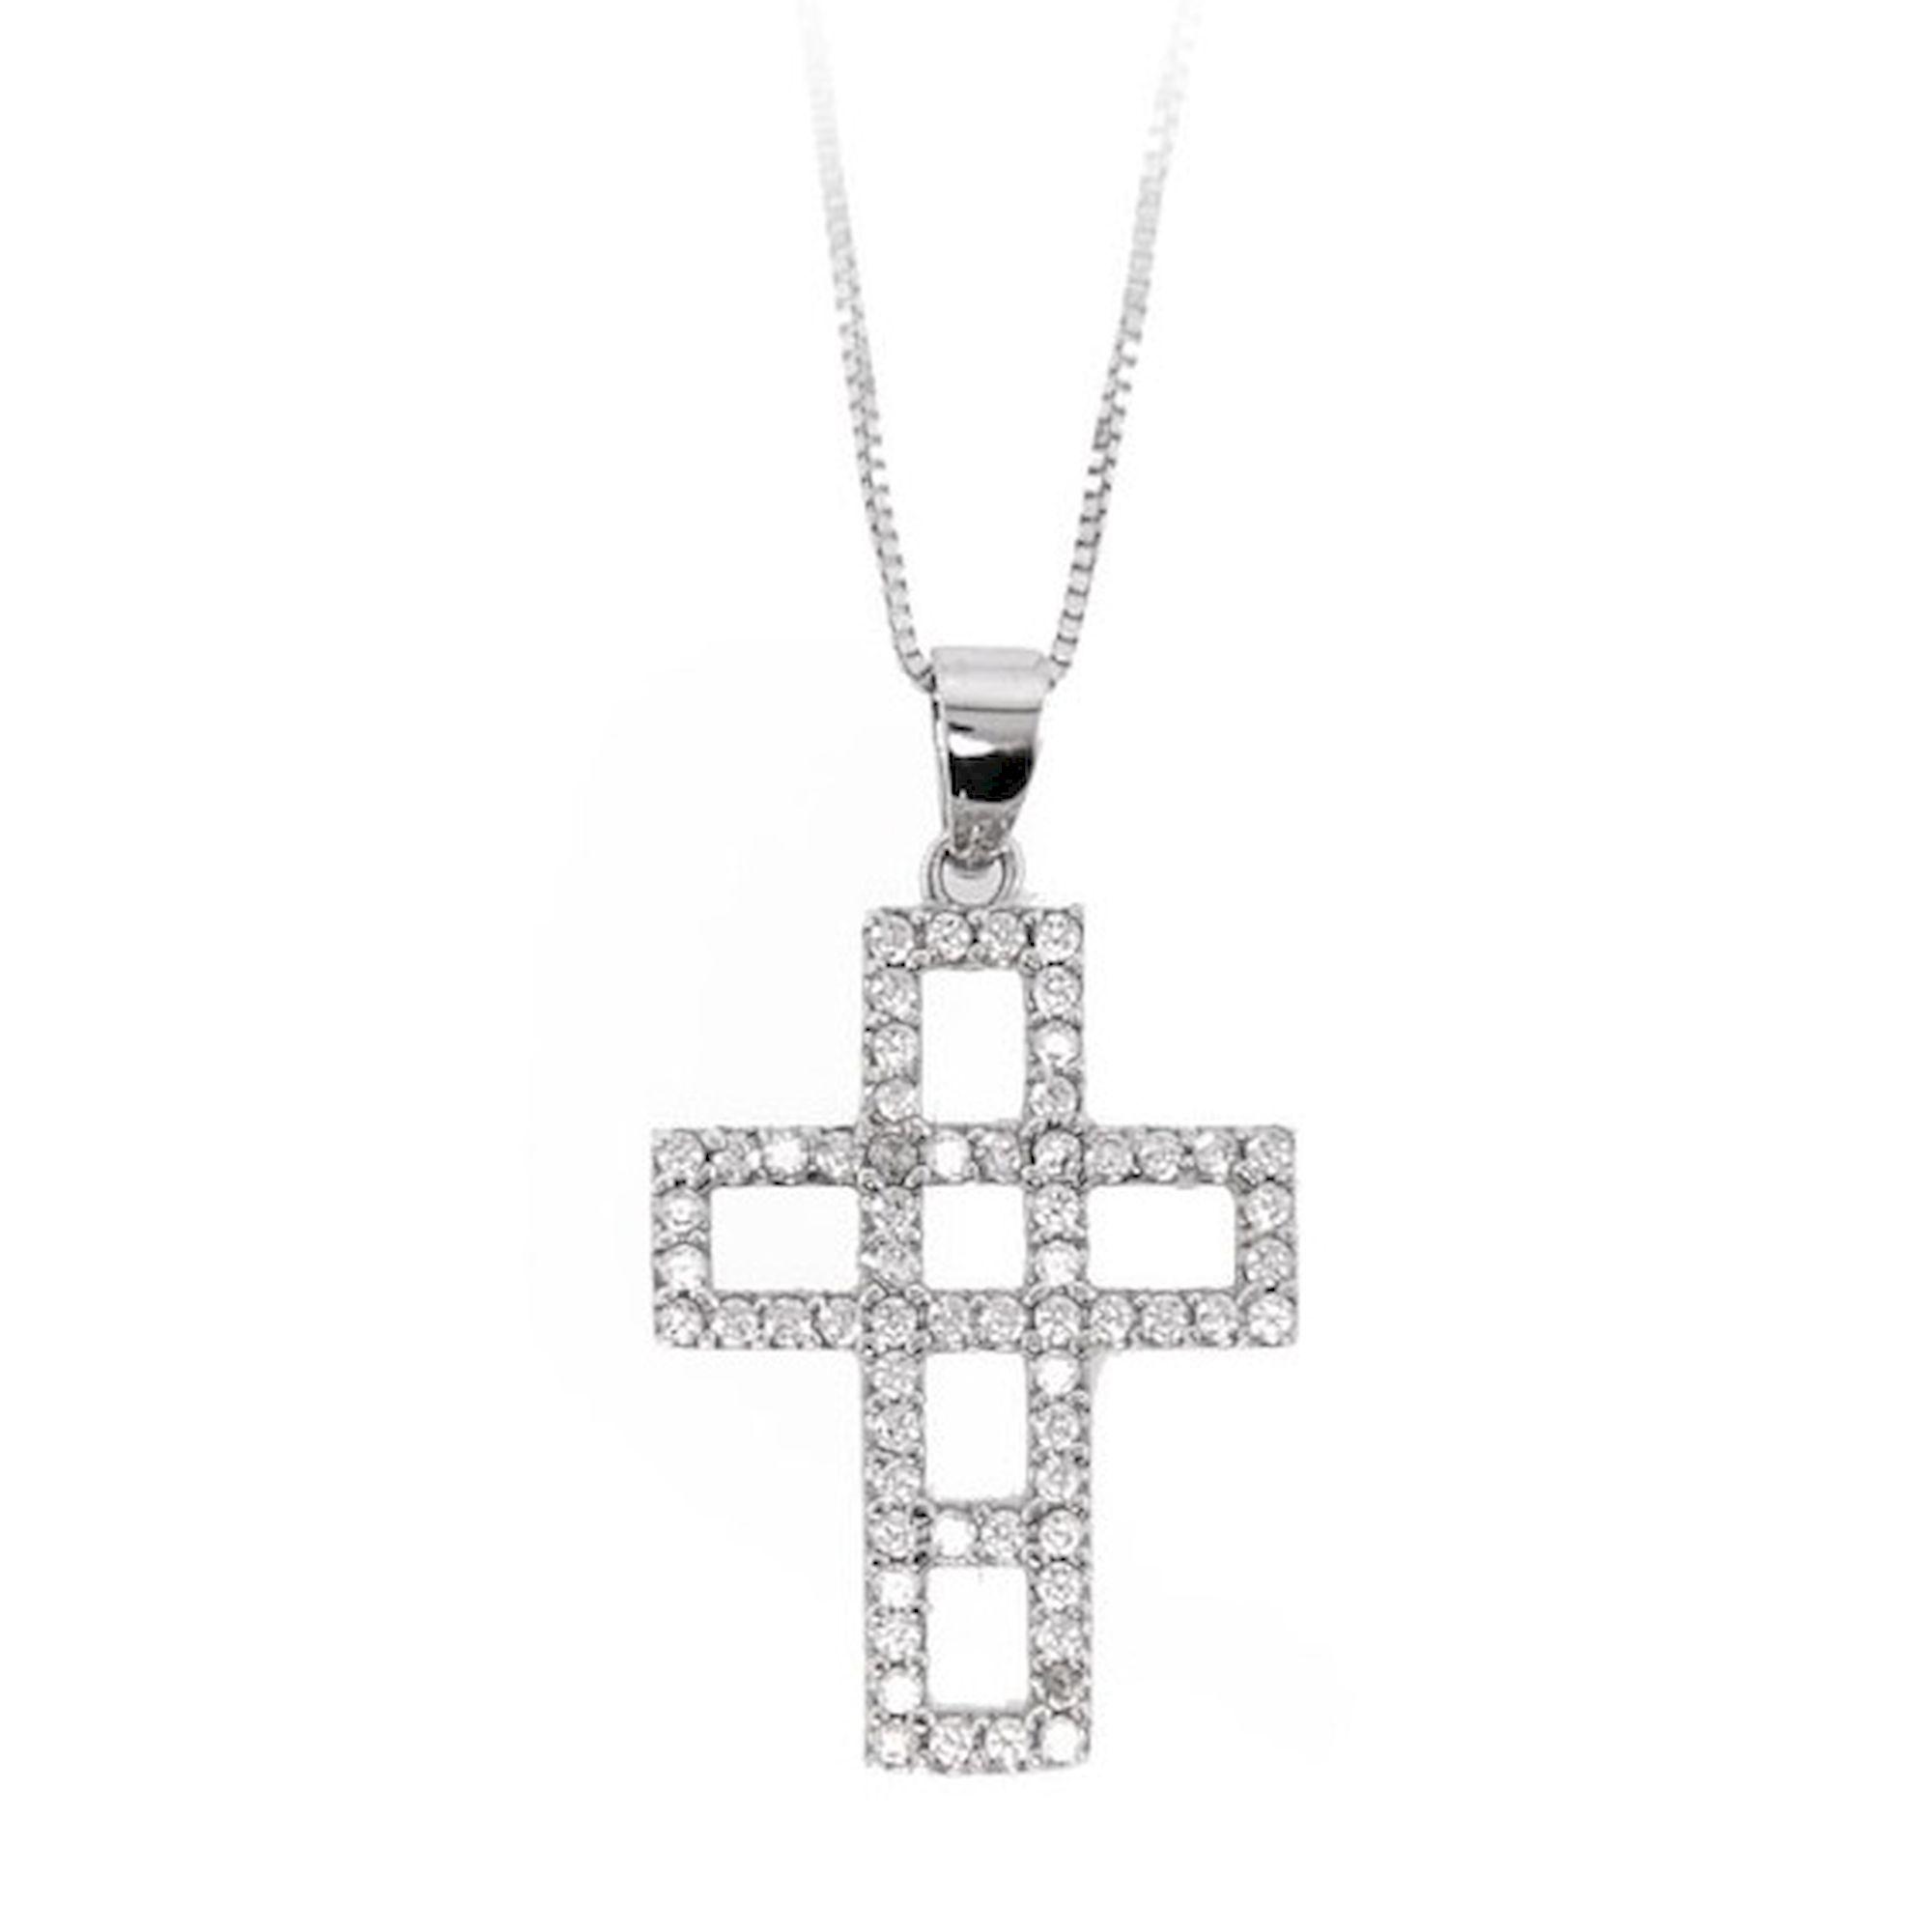 Γυναικειος Σταυρός με Πέτρες Λευκός 14 Καράτια, κολιέ, χρυσό κολιέ, 14 καράτια, Κρεμαστό για τον λαιμό, κόσμημα, χρυσό κόσμημα, δωρεάν μεταφορικά